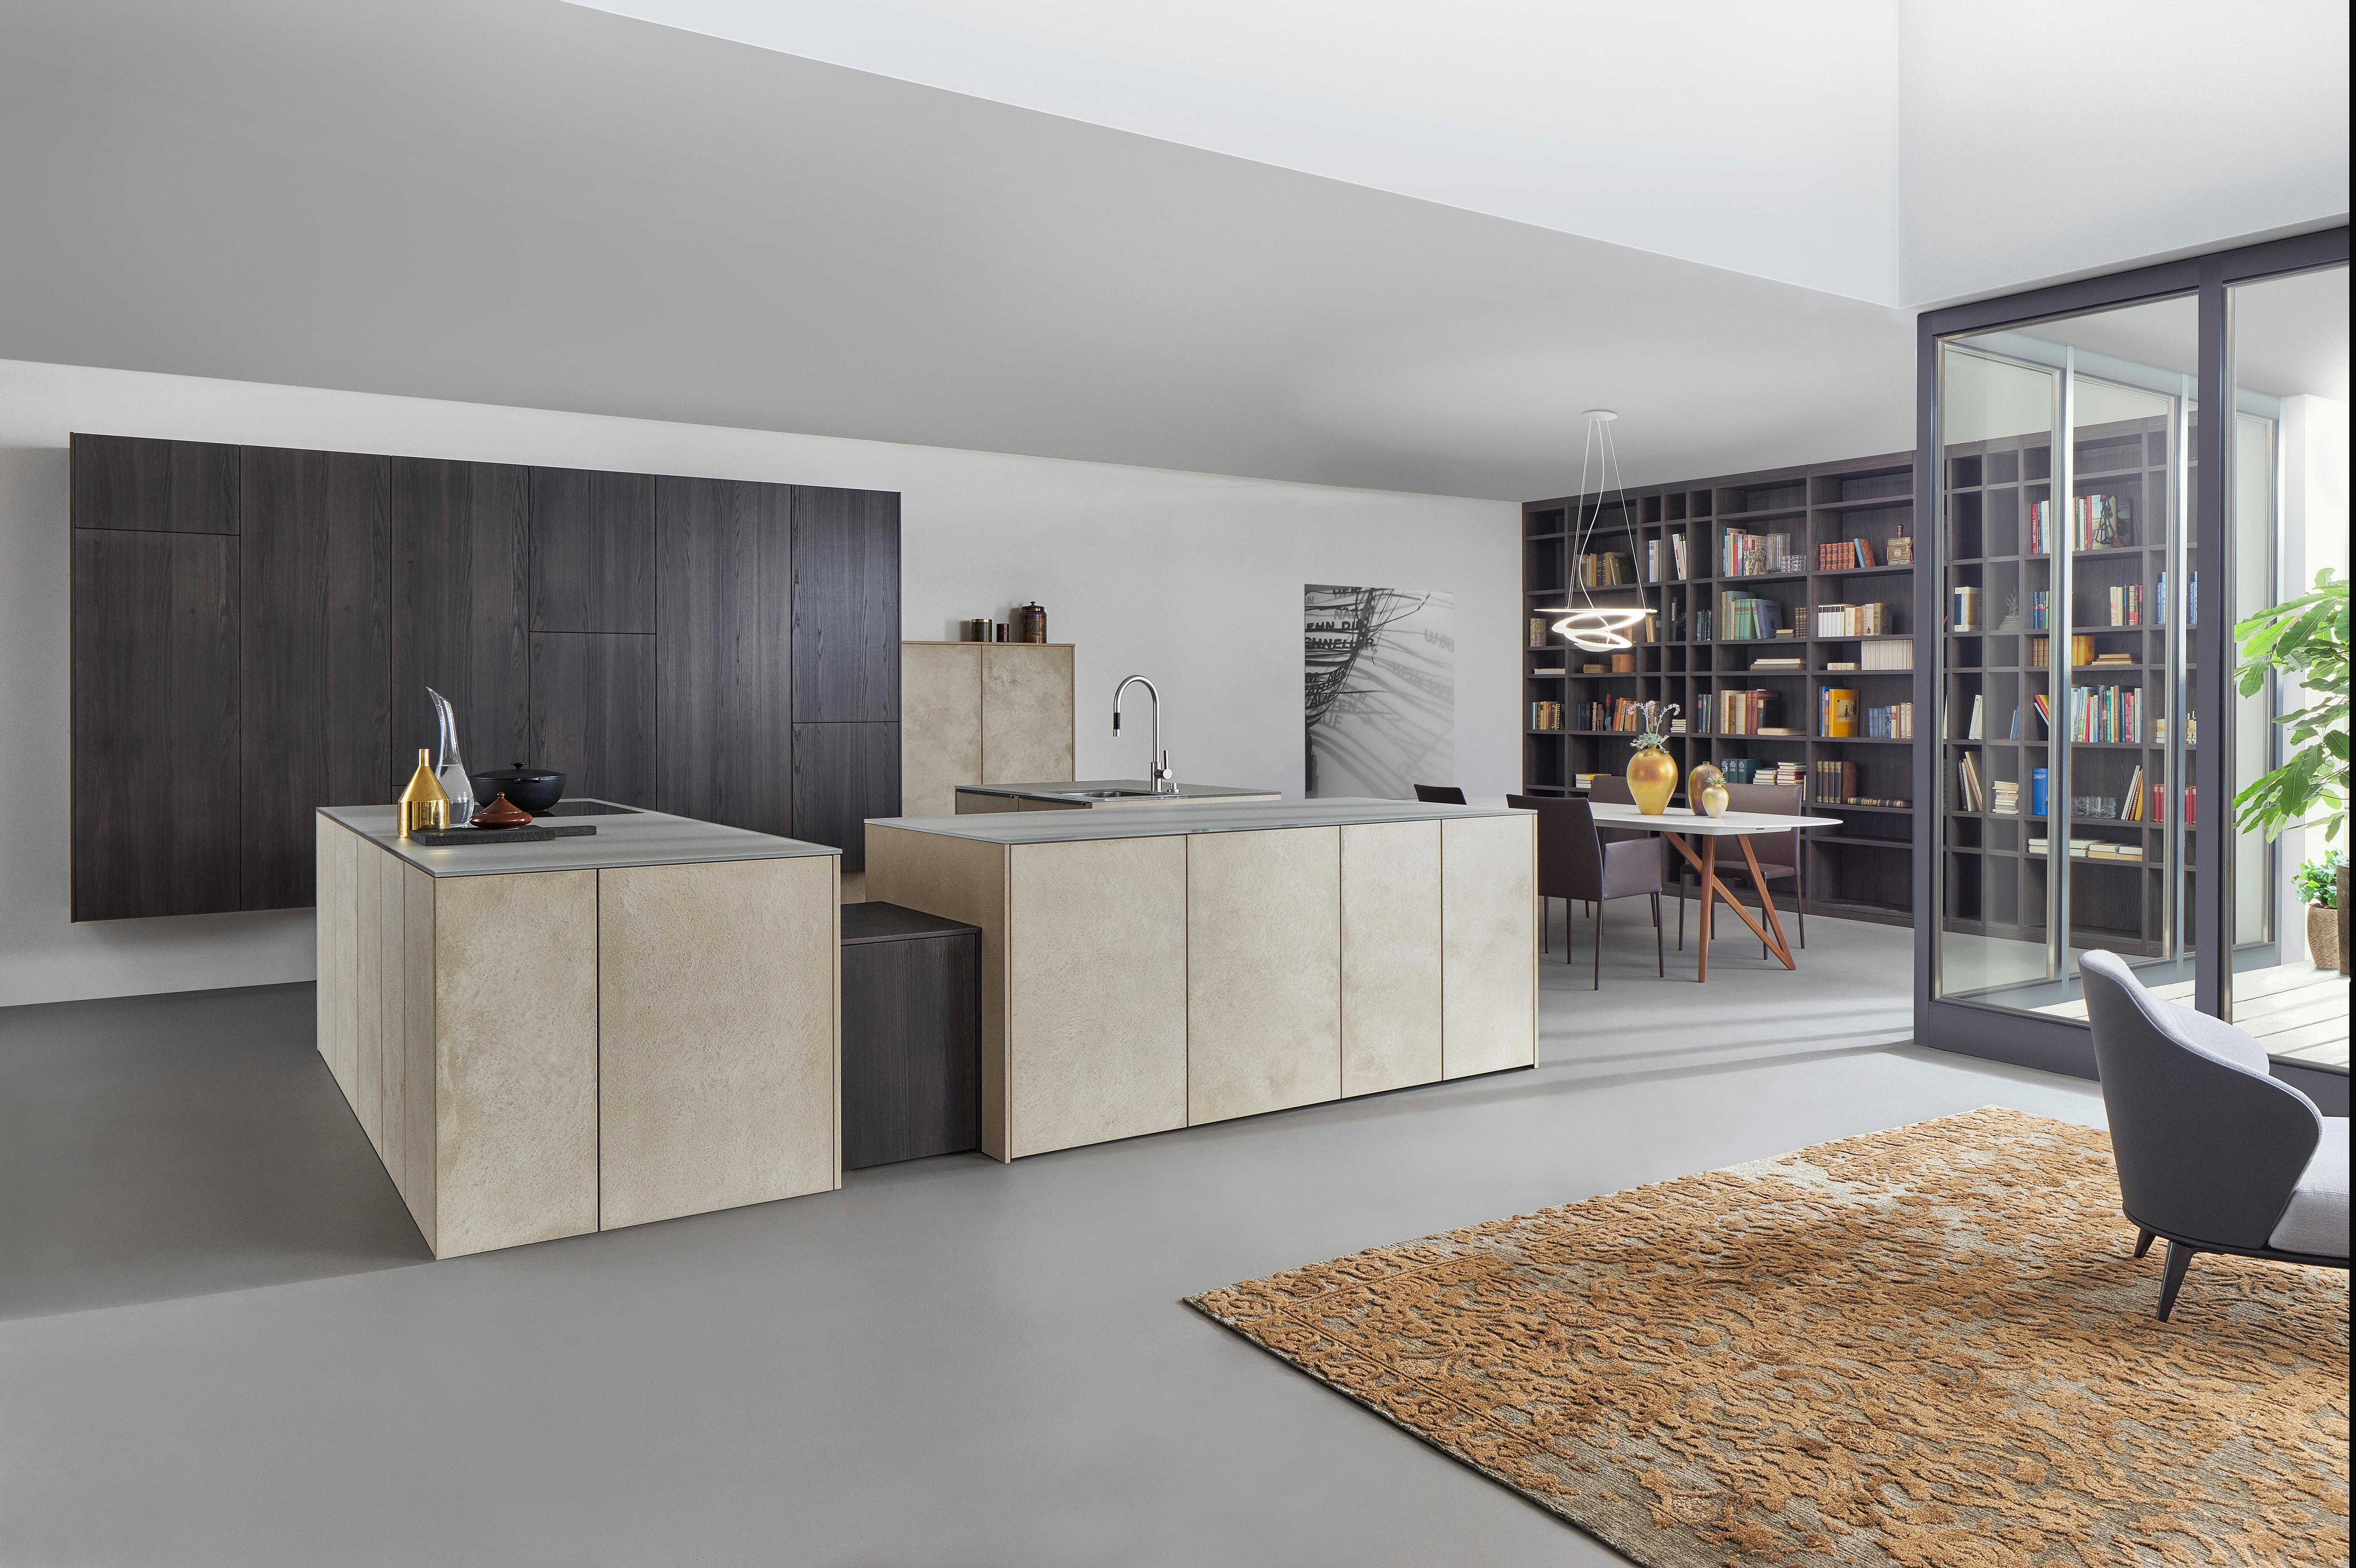 leicht küchen manufacturer profile